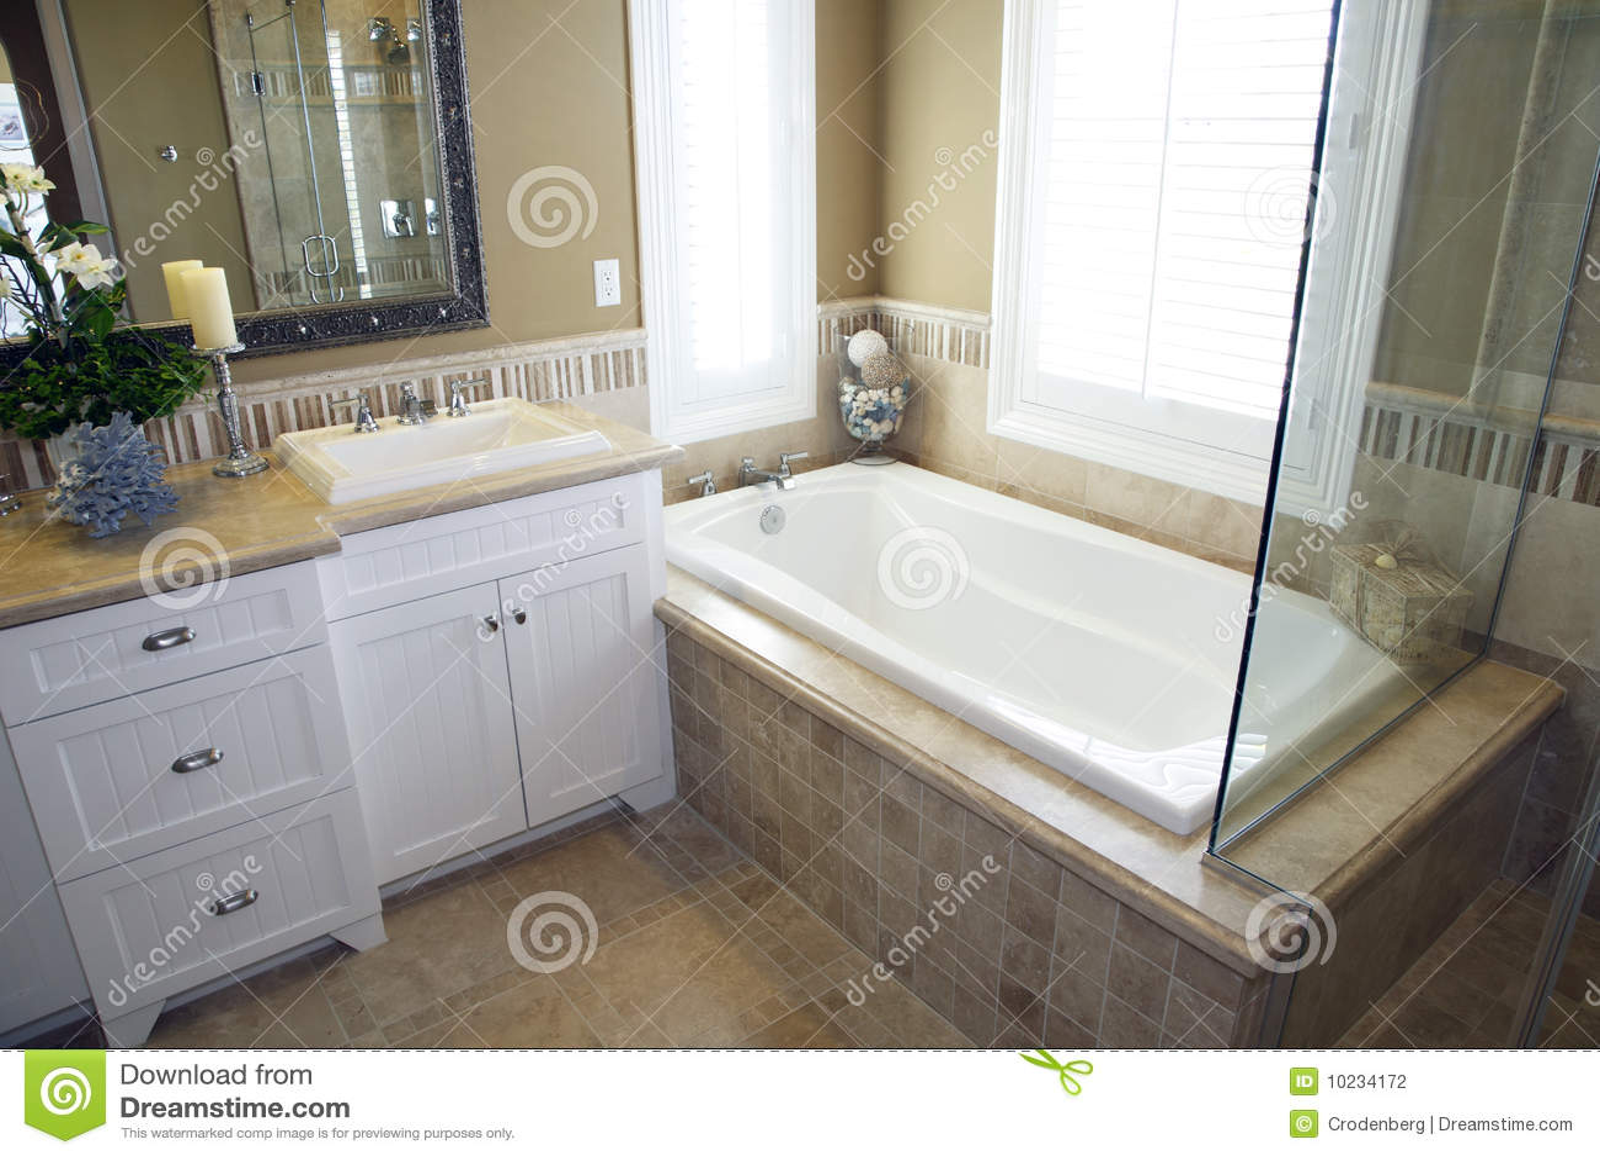 Ba os con tina imagenes for Diseno de una habitacion con bano